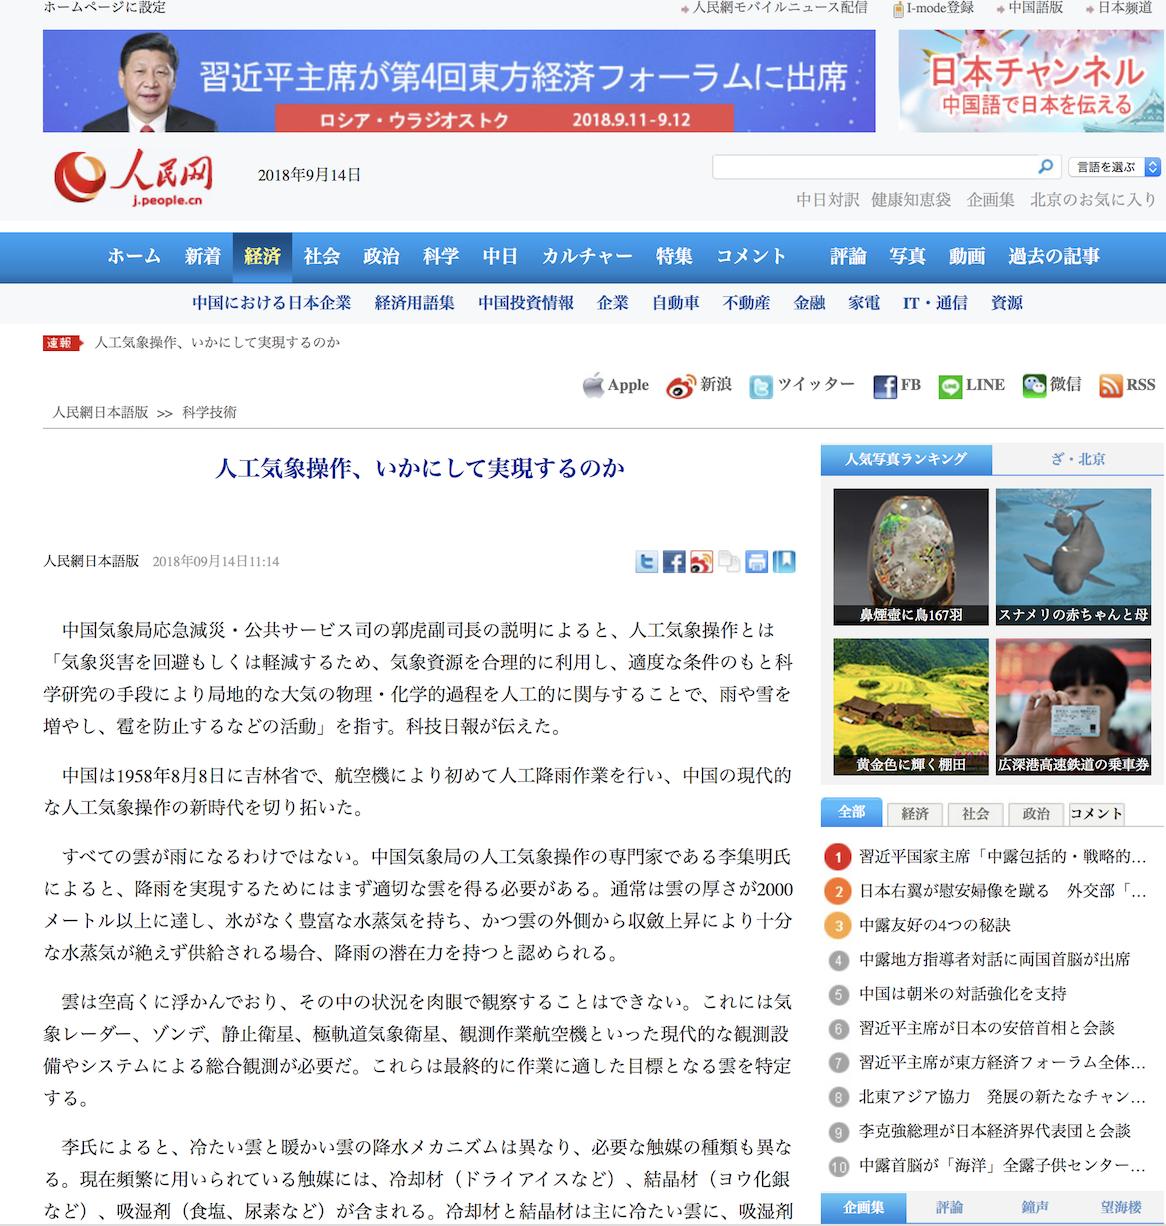 中国の気象操作記事